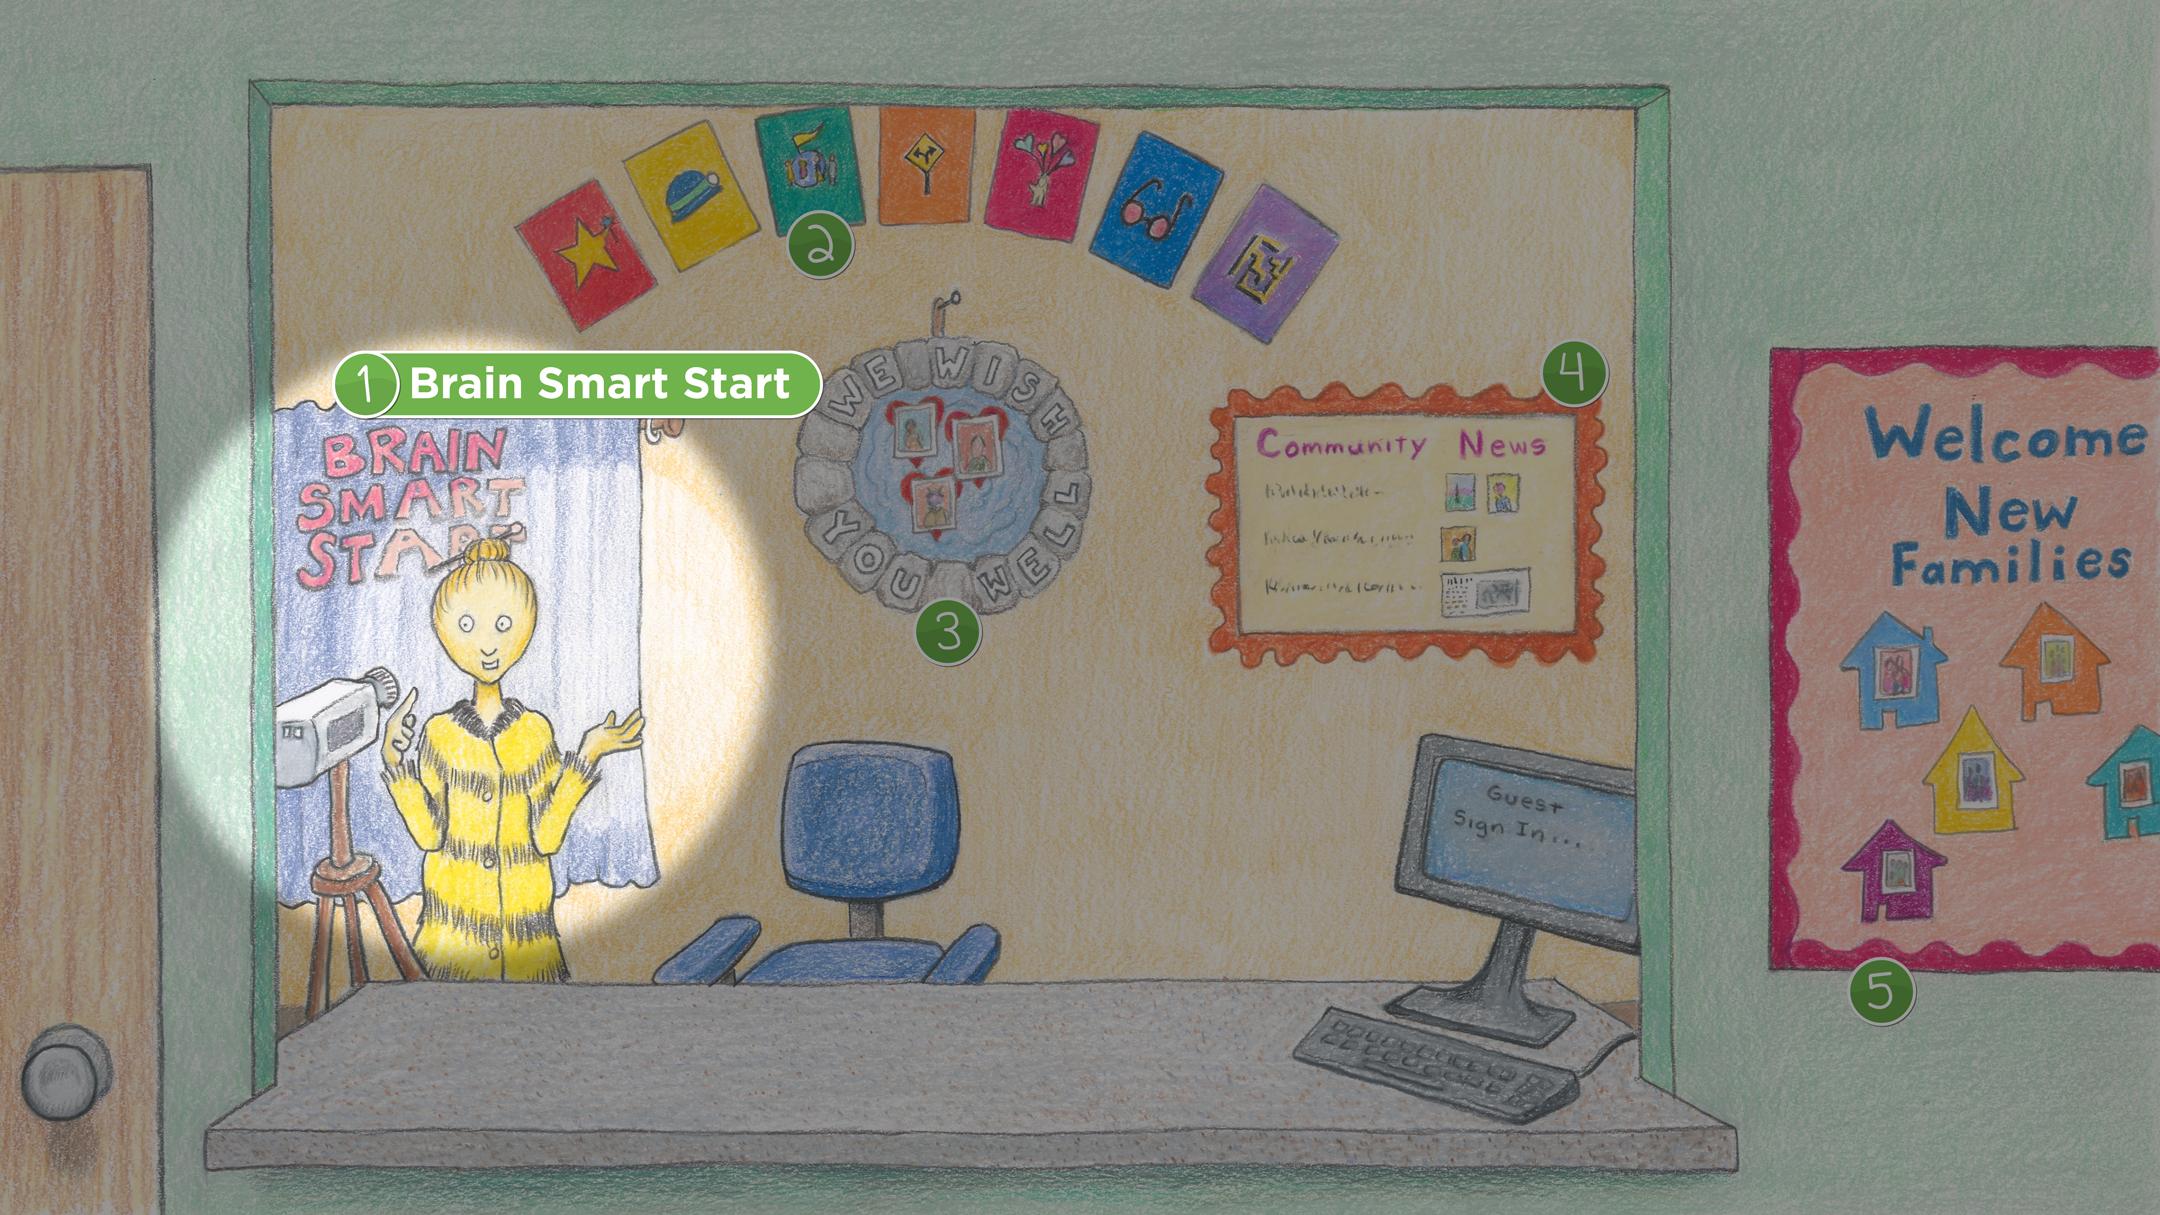 Reception: Brain Smart Start